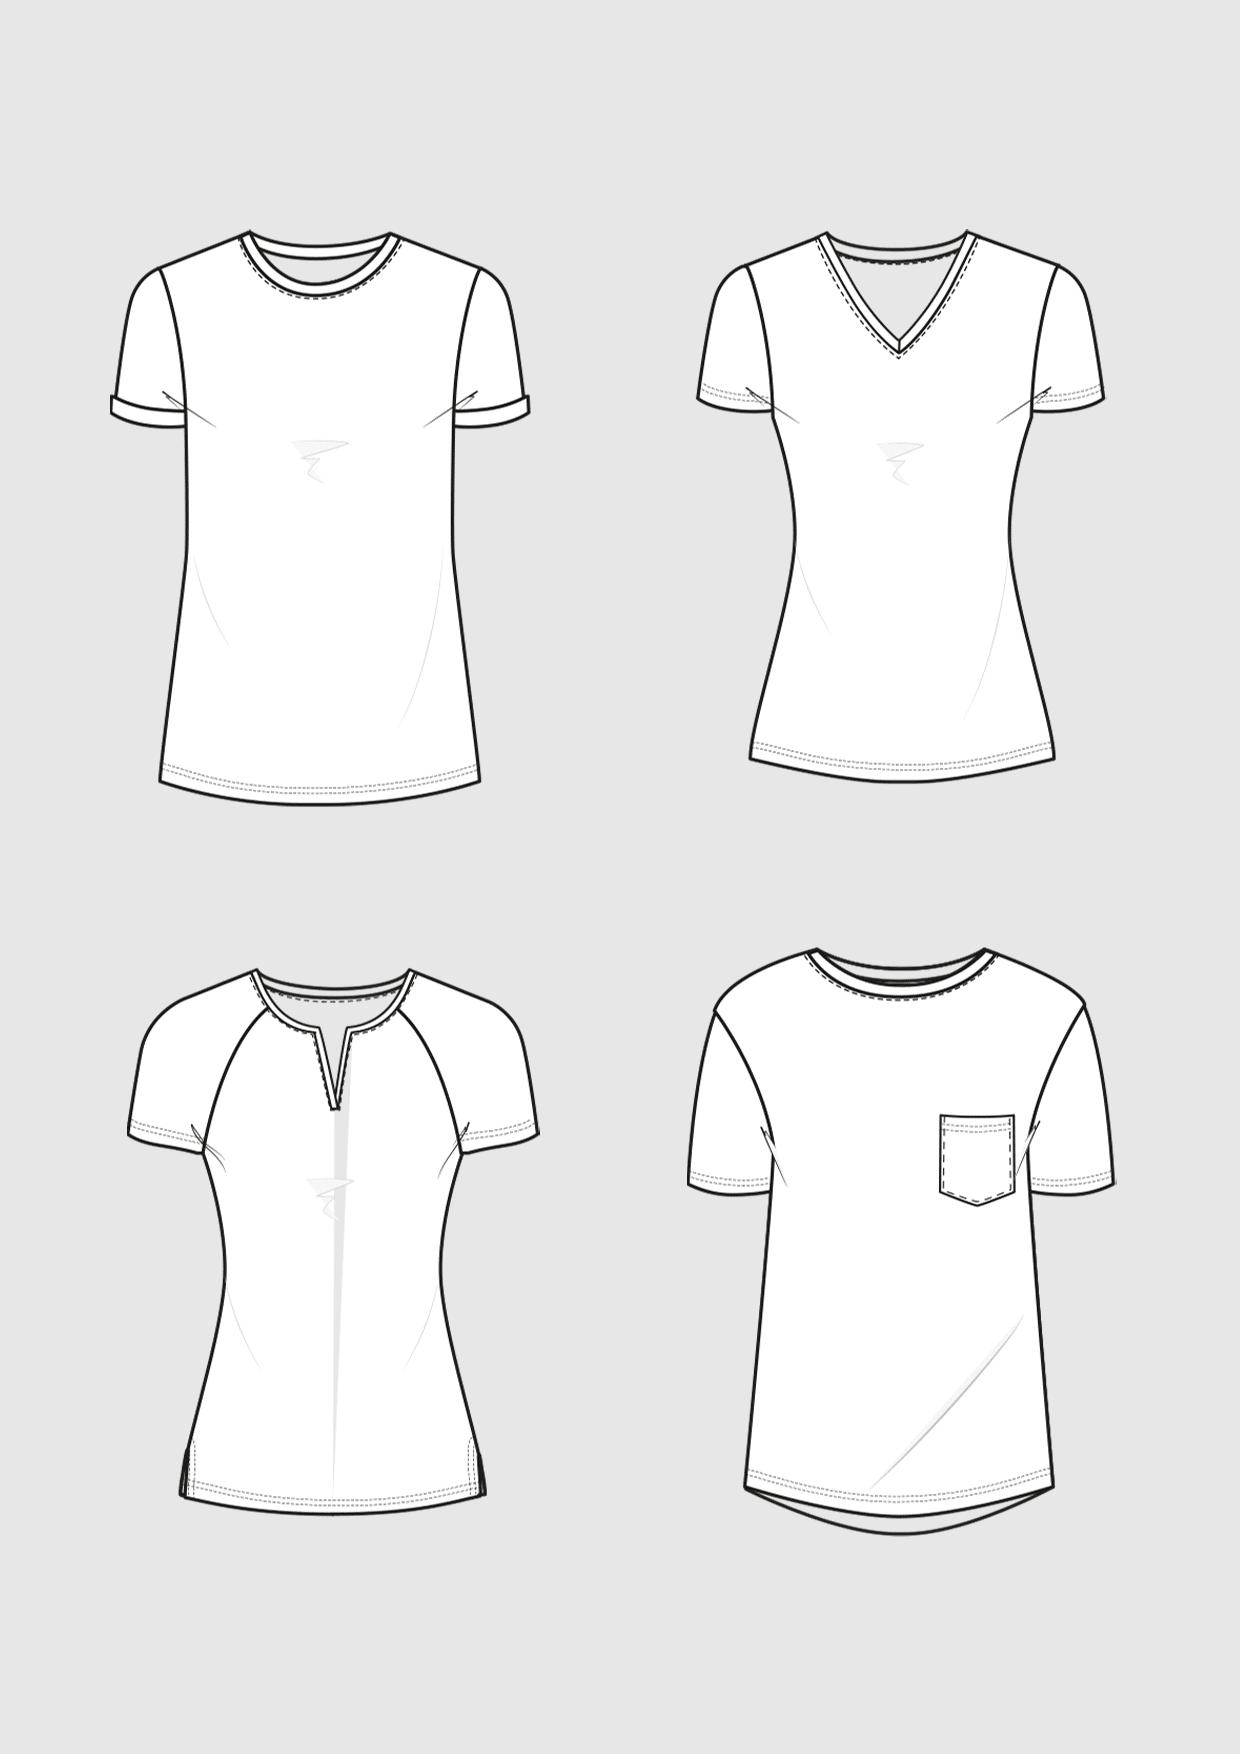 Produkt: Schnittmuster T-Shirts